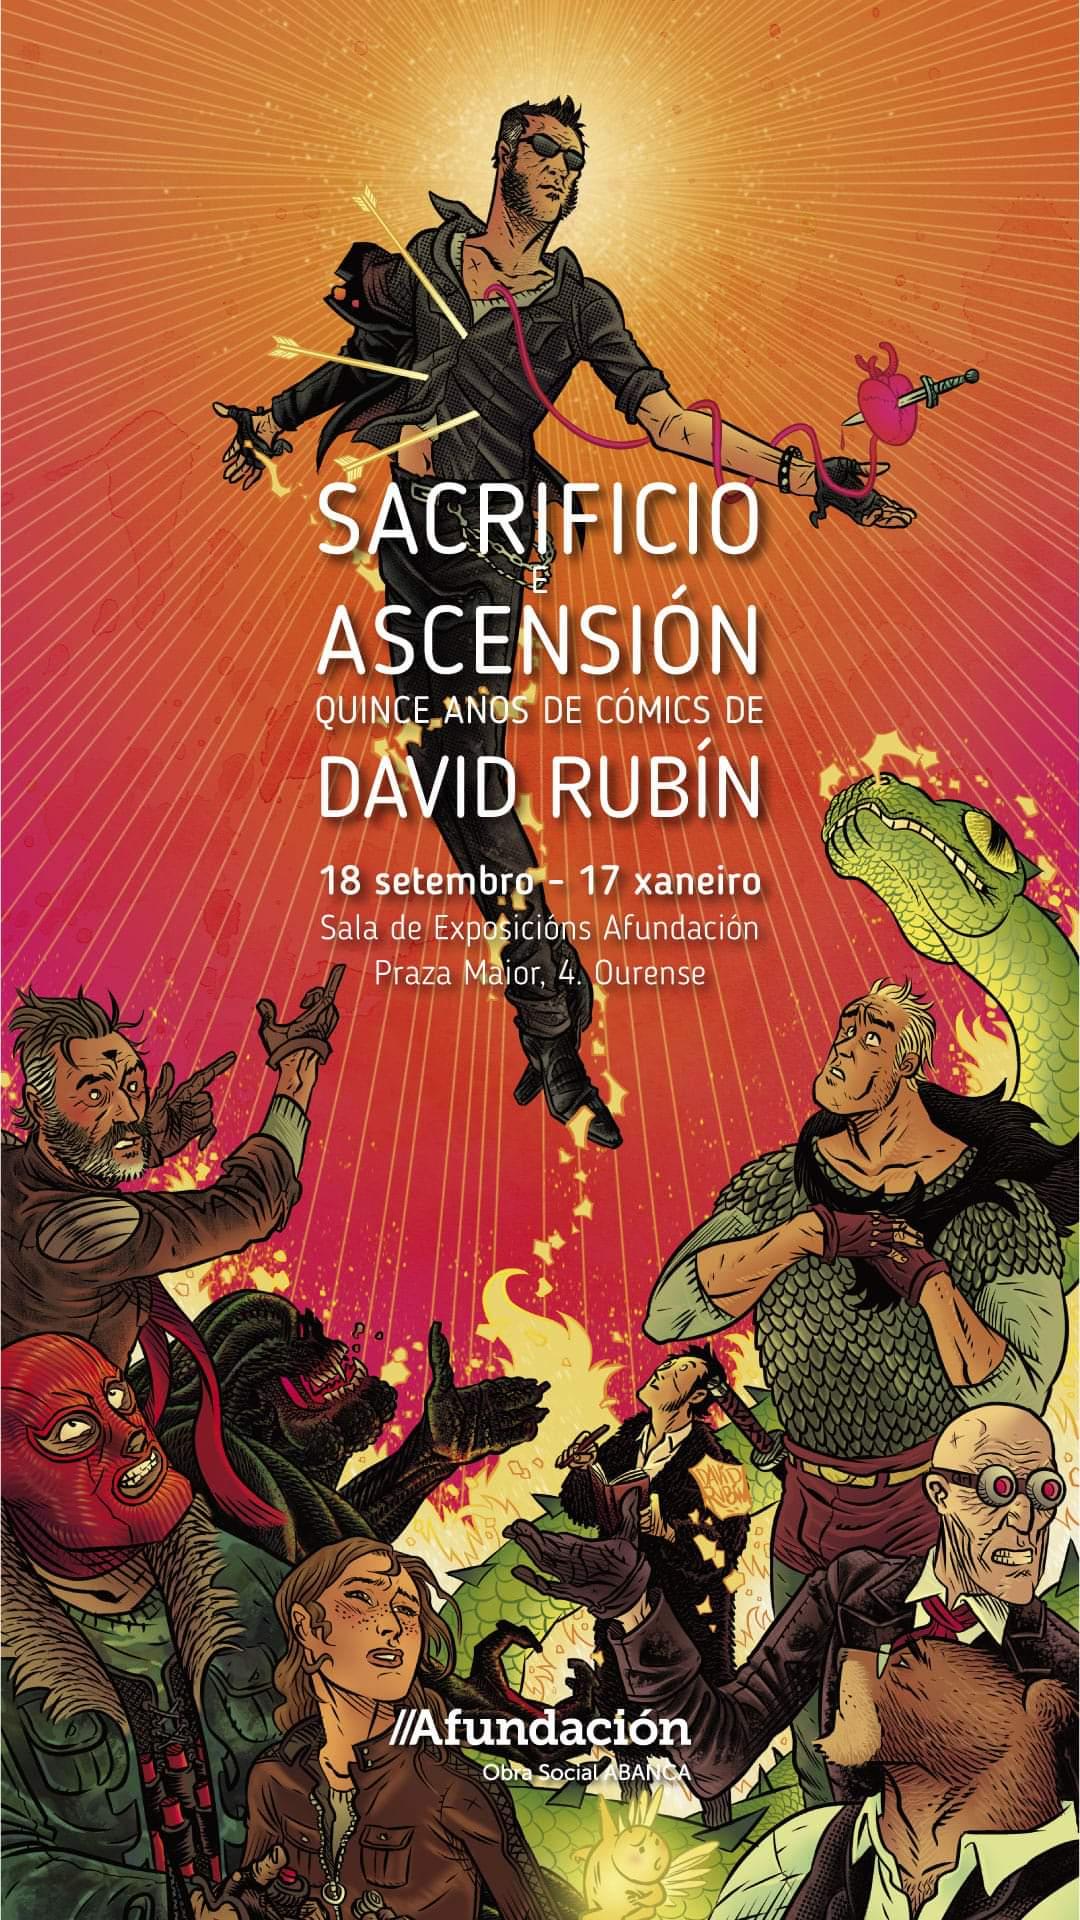 <i>Sacrificio e ascensión. 15 anos de cómics de David Rubín</i> estará aberta na sede de Afundación ata o 17 de xaneiro